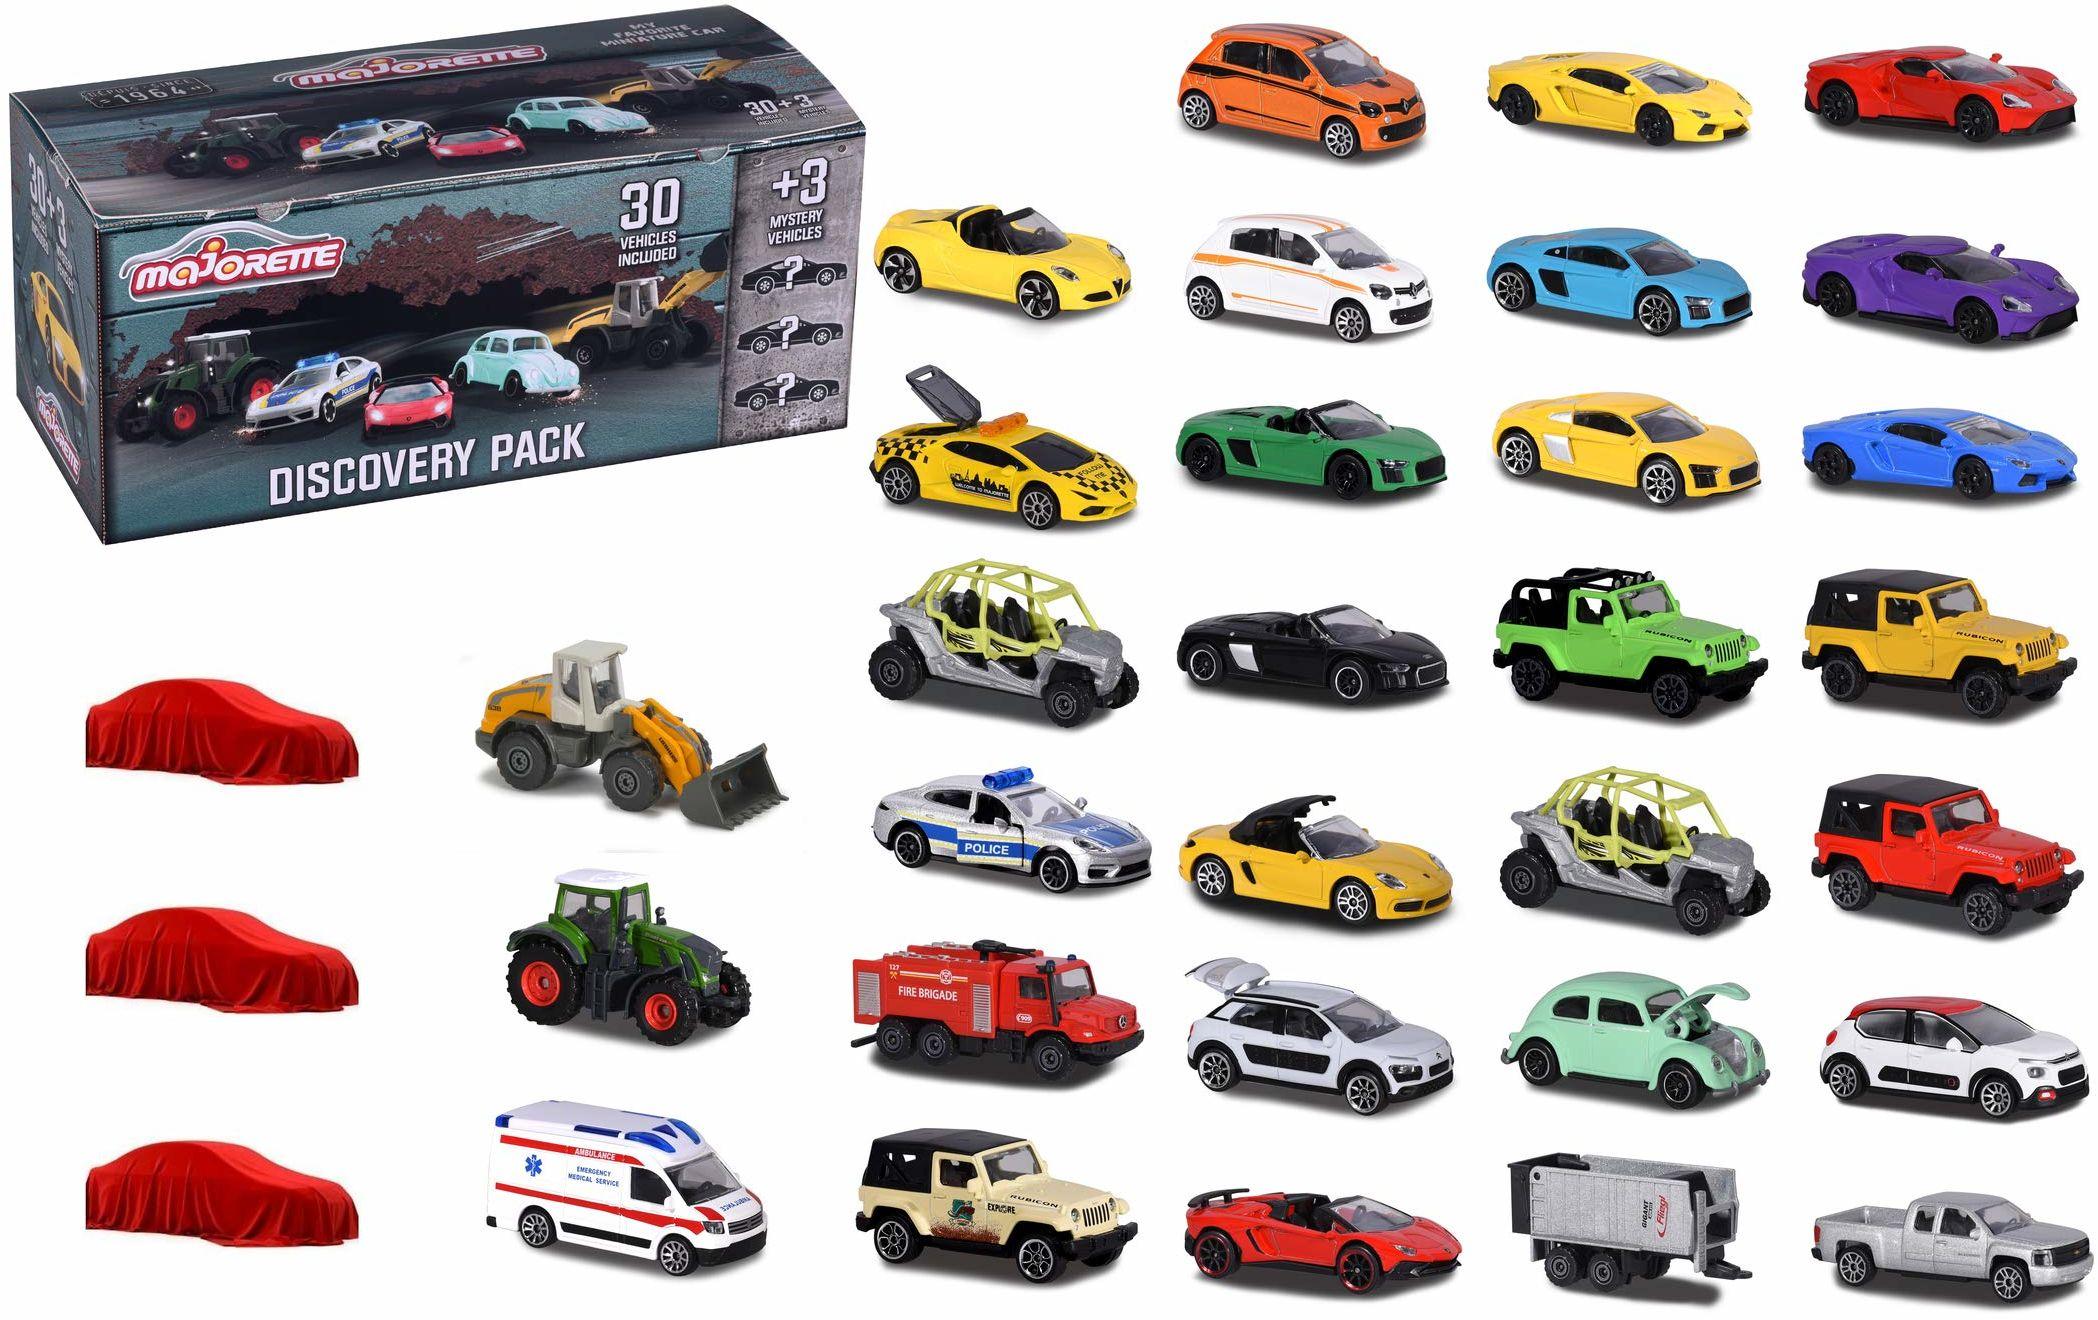 Majorette - Discovery Zestaw Zawiera 20 Pojazdów Drogowych, 10 Pojazdów Klasy Premium, 3 Super Specjalne Samochody, Wielokolorowy, 212058596